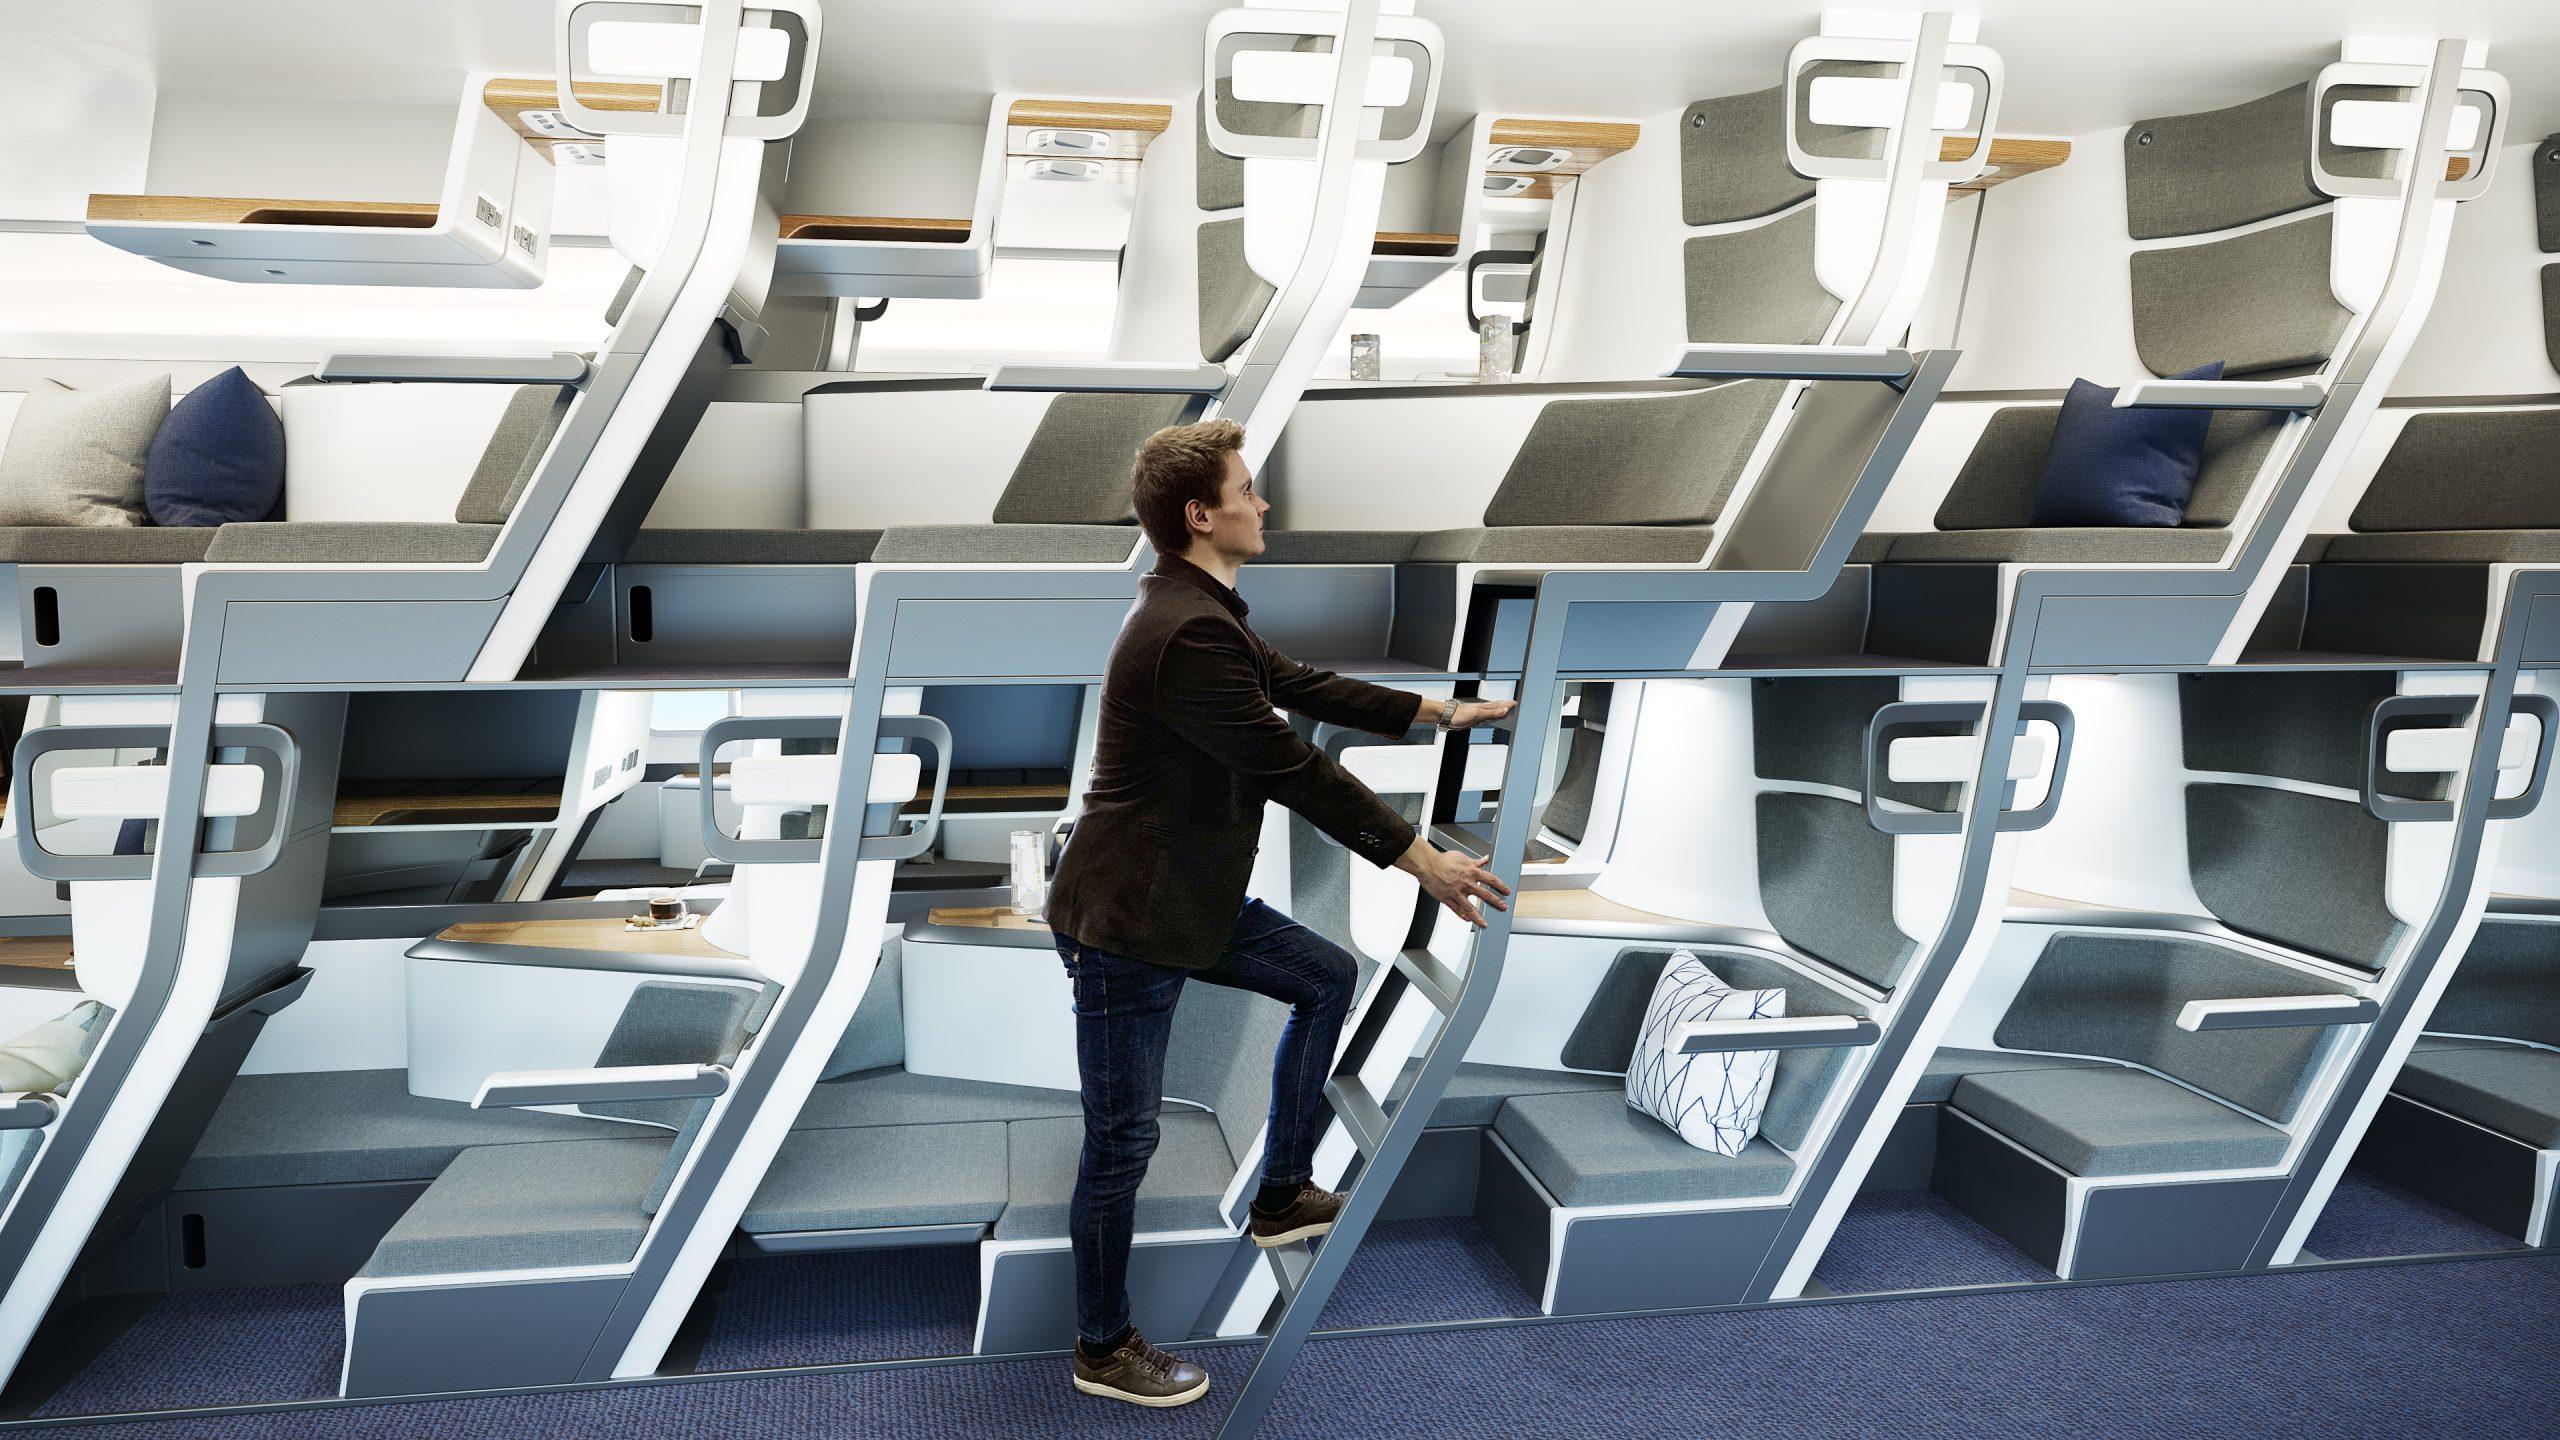 Empresa propõe design double-decker para mais conforto de passageiros em aviões